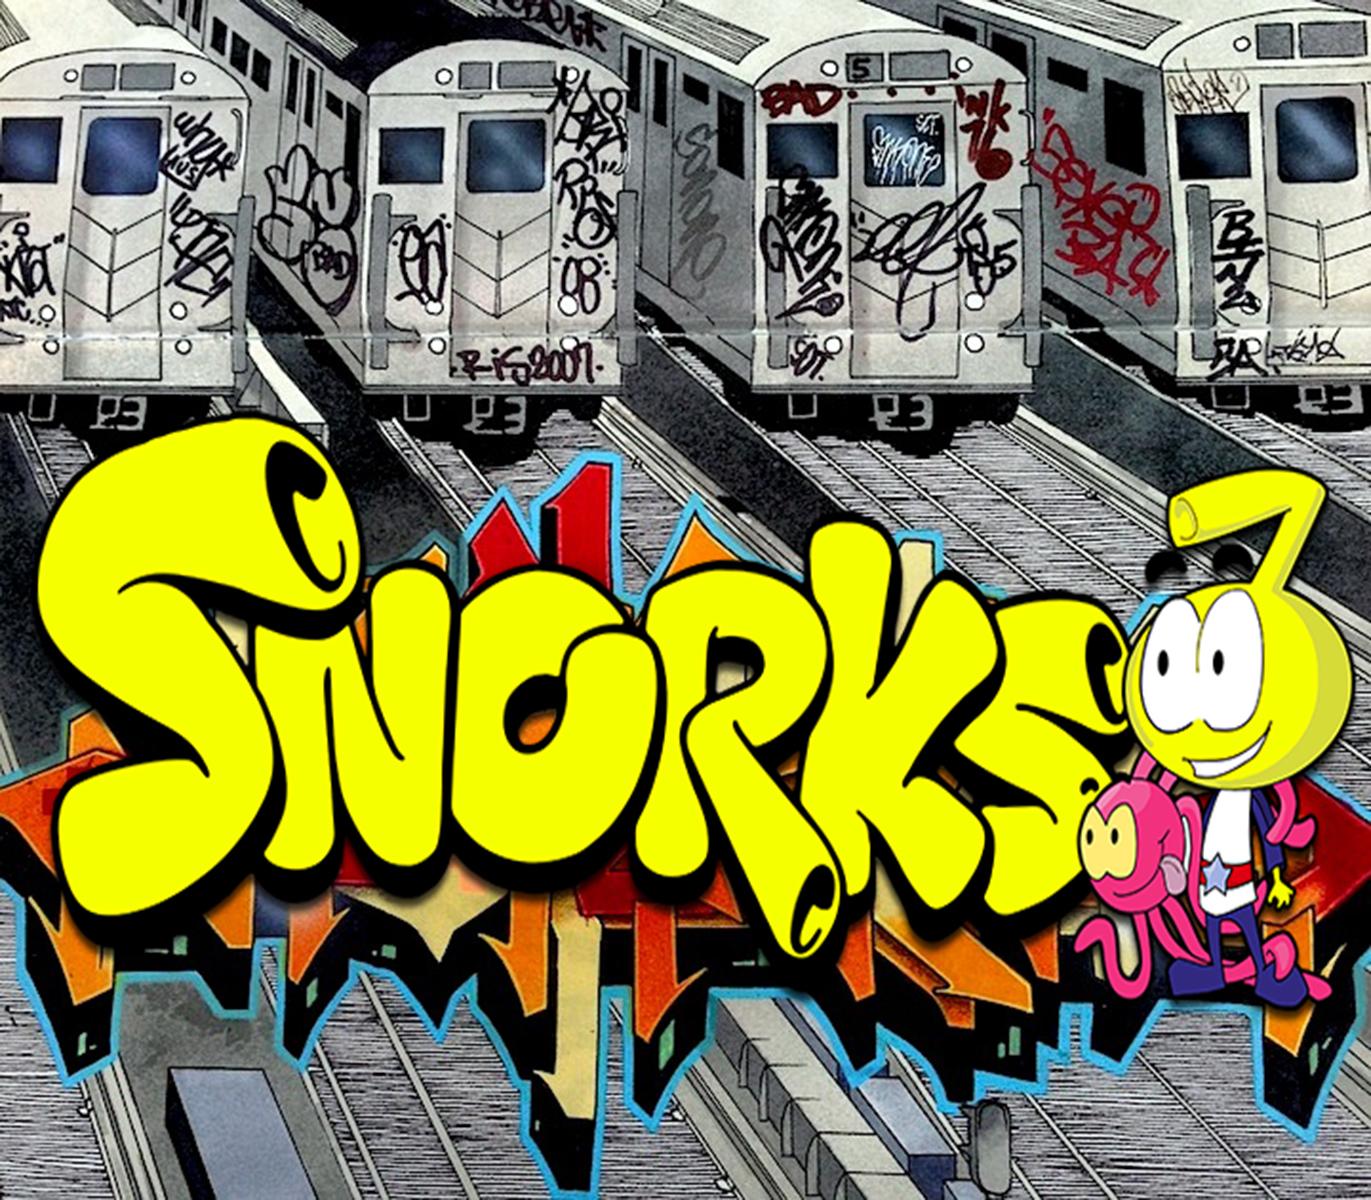 snorks.jpg